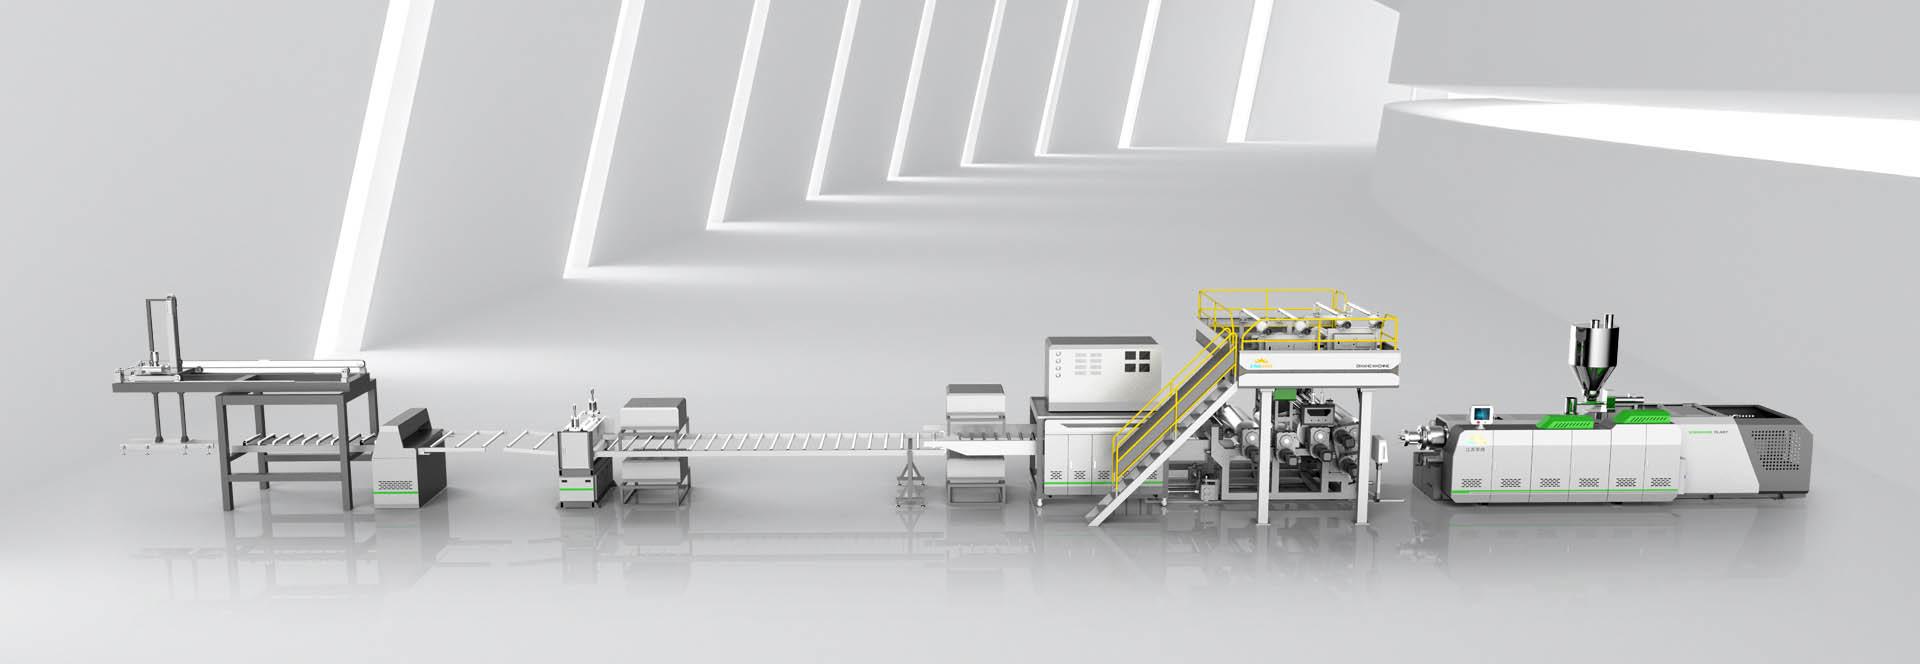 High Capacity EIR SPC Flooring Production Line